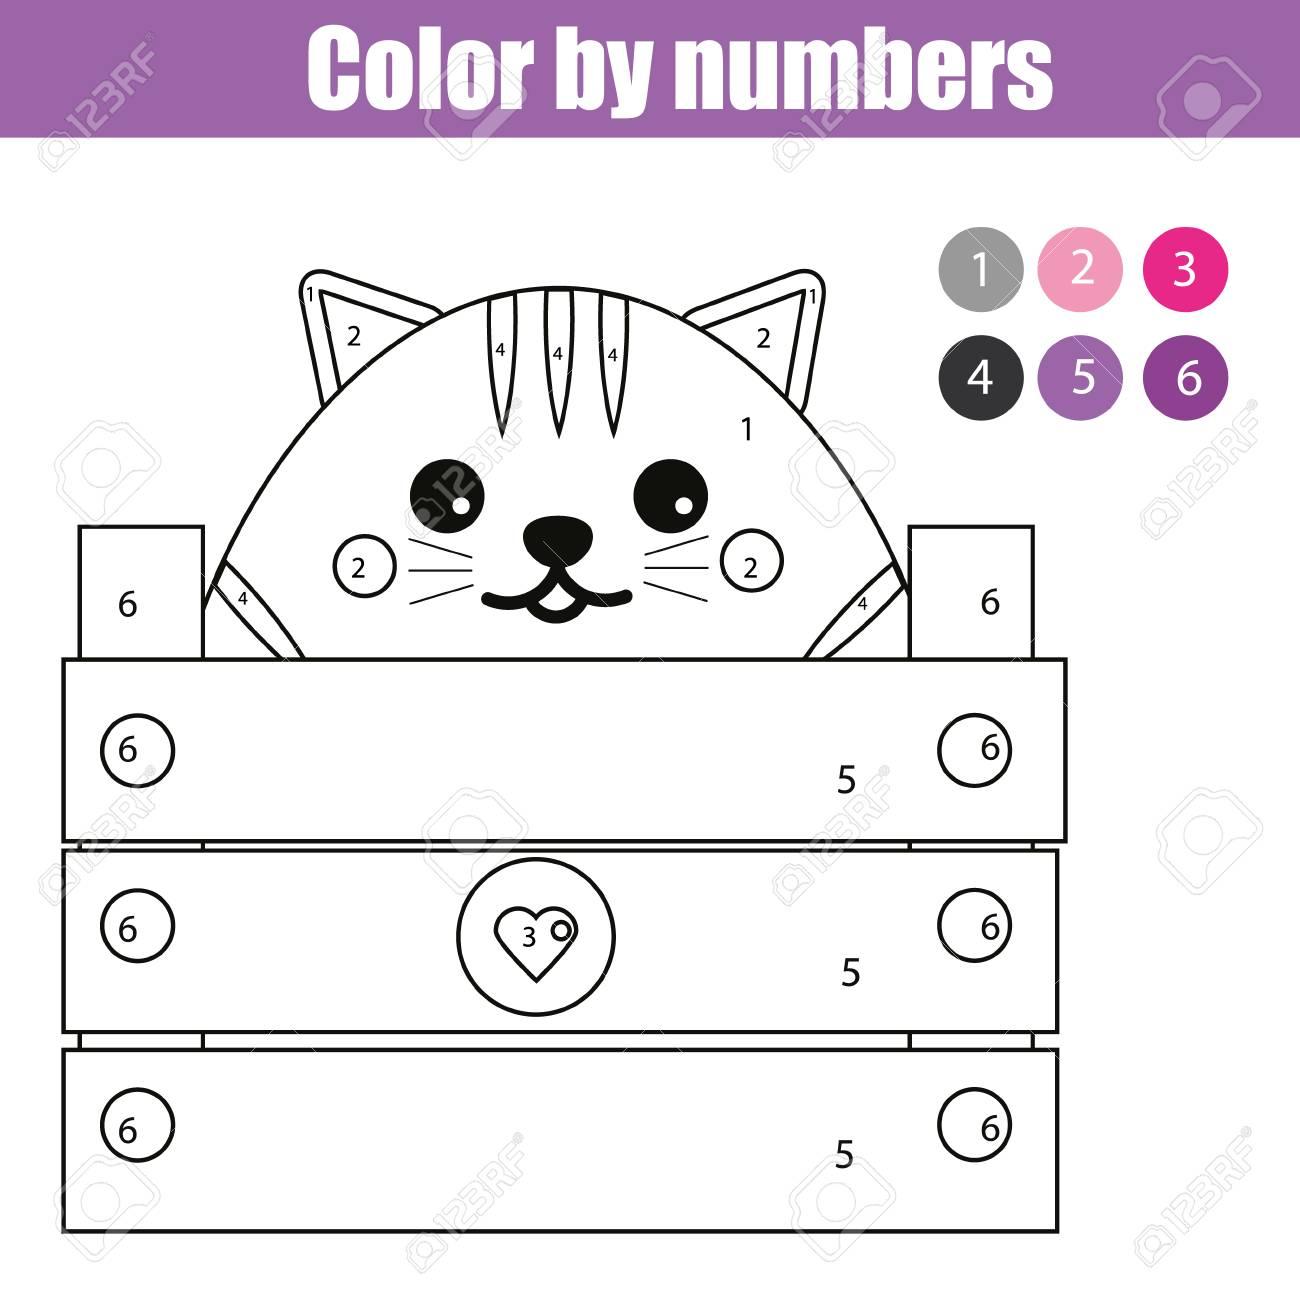 Dibujo Para Colorear Con Un Lindo Personaje De Gato. Color Por Los ...